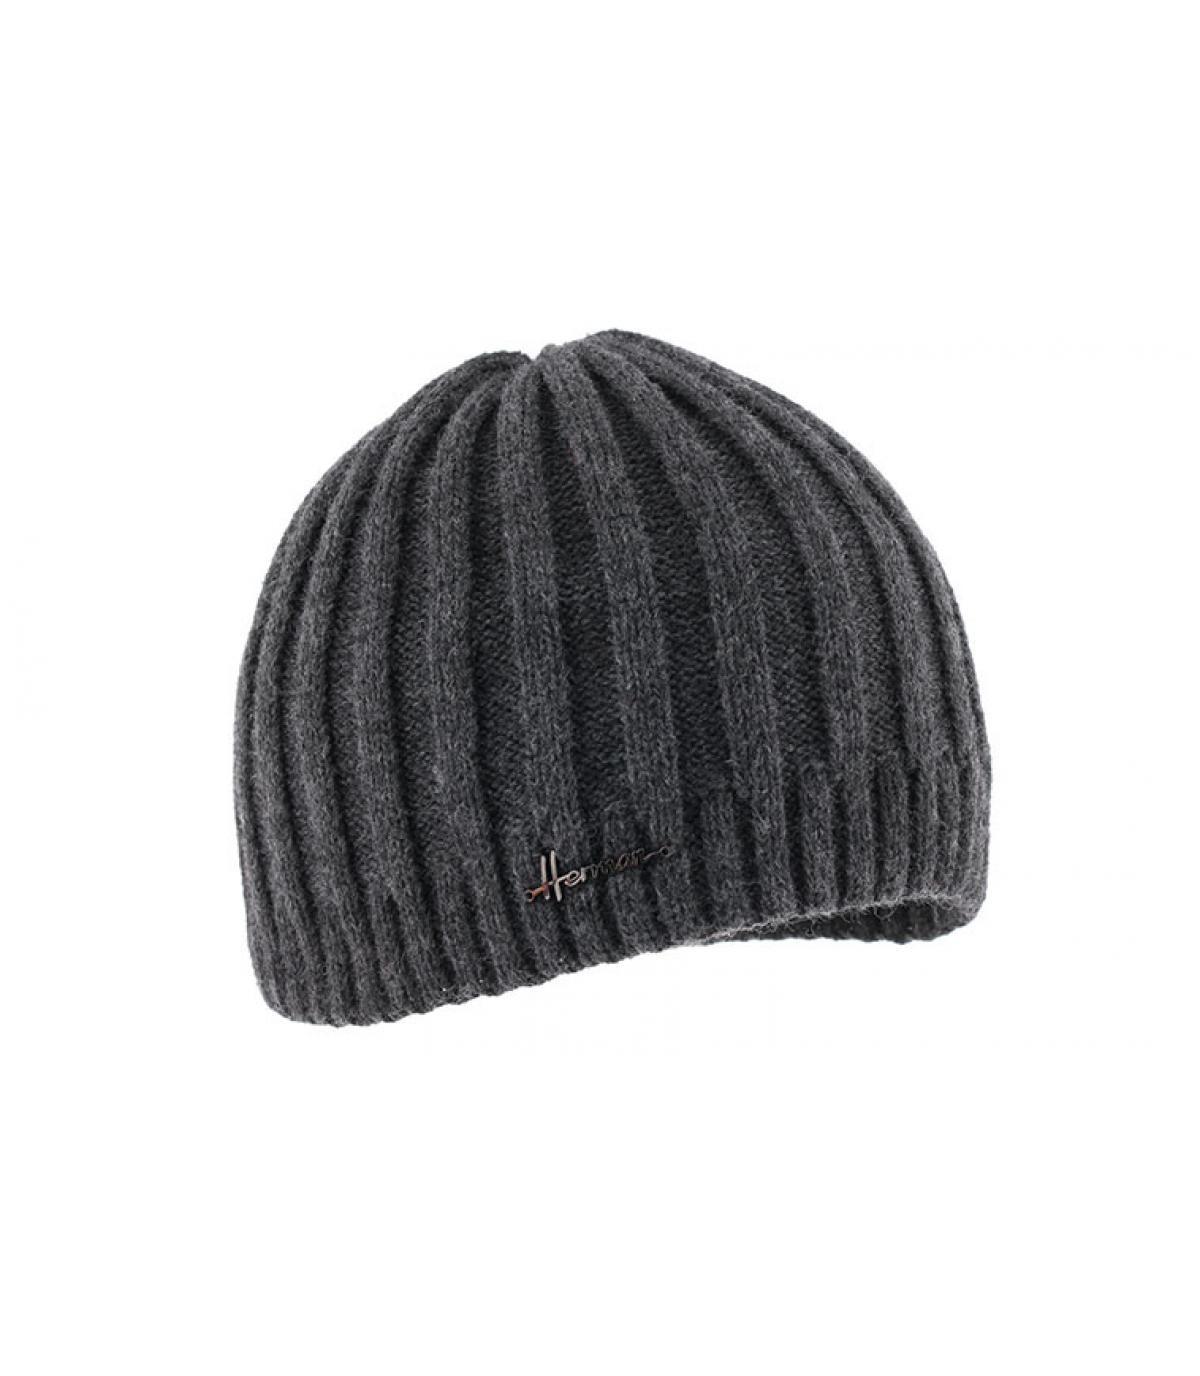 cappello corto grigio